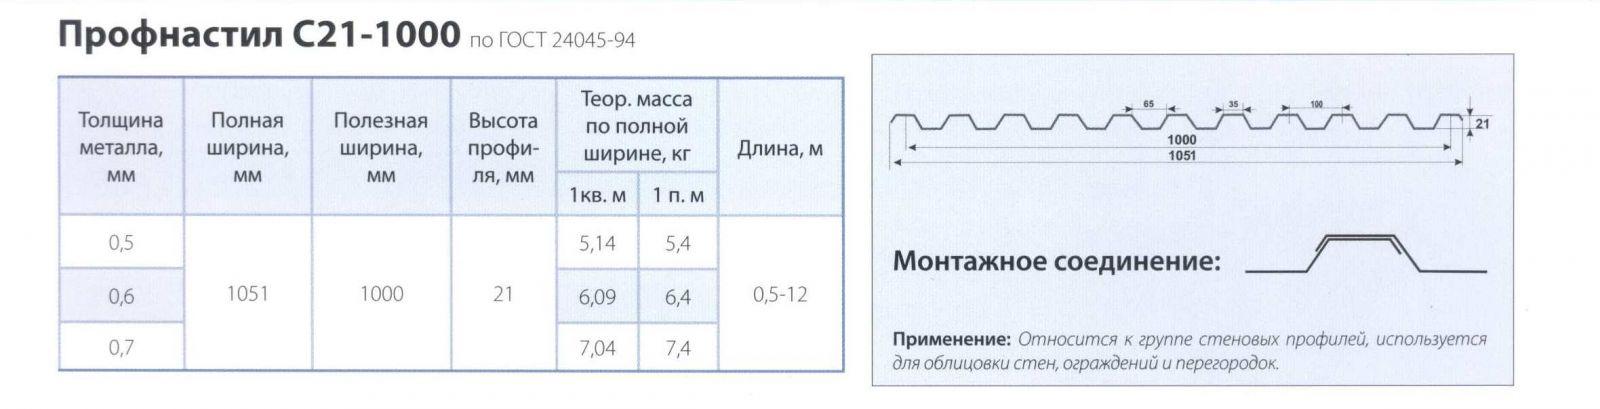 сколько весит профнастил с21